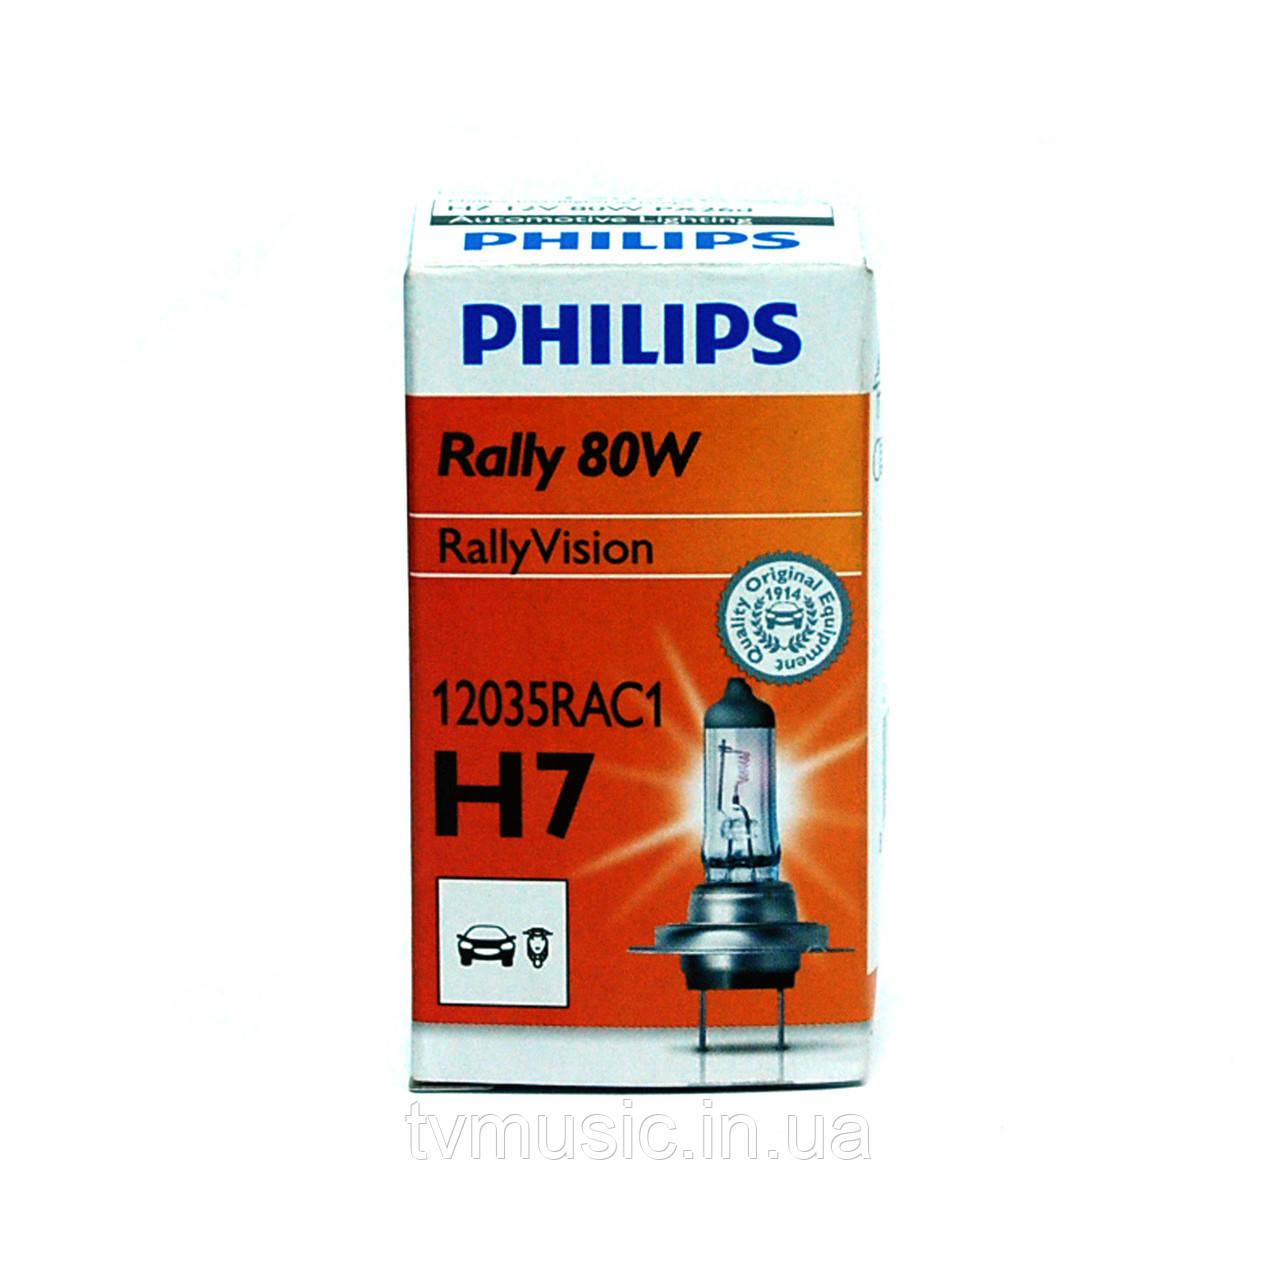 Галогенная лампа Philips RallyVision H7 12V 55W (12035RAC1)